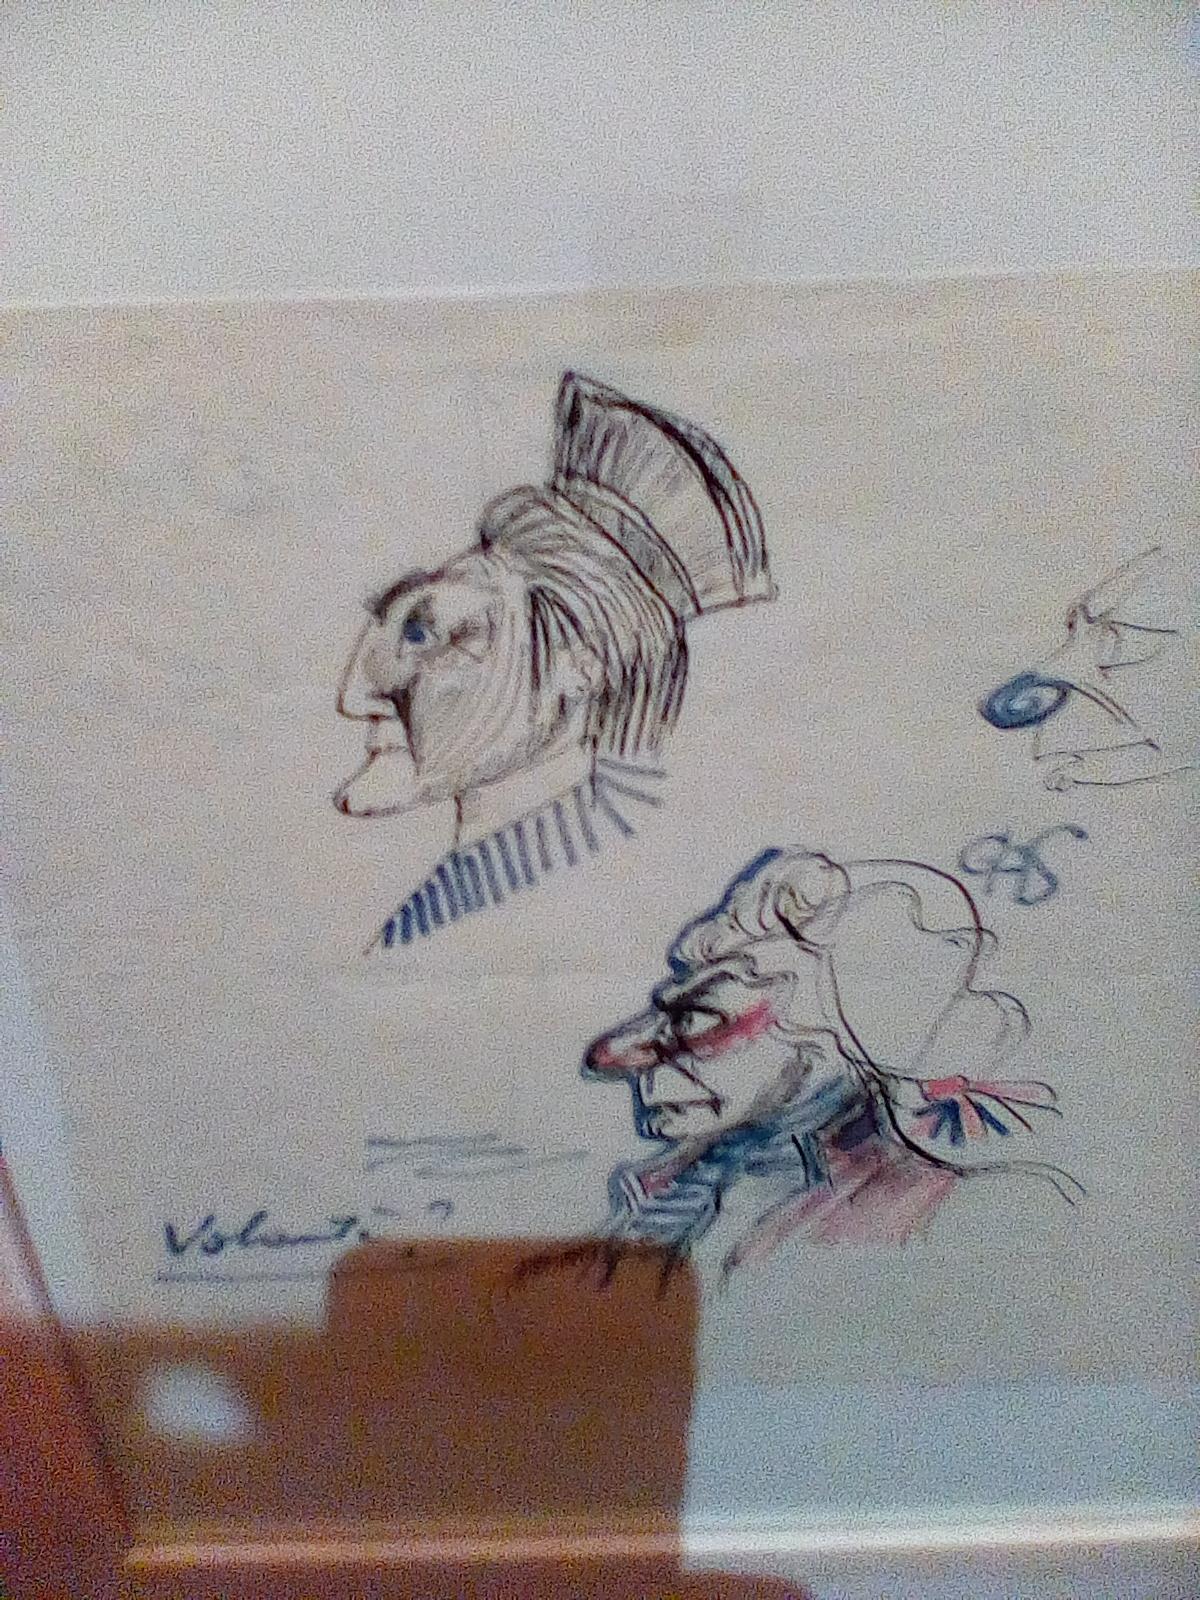 Picasso fellini 19